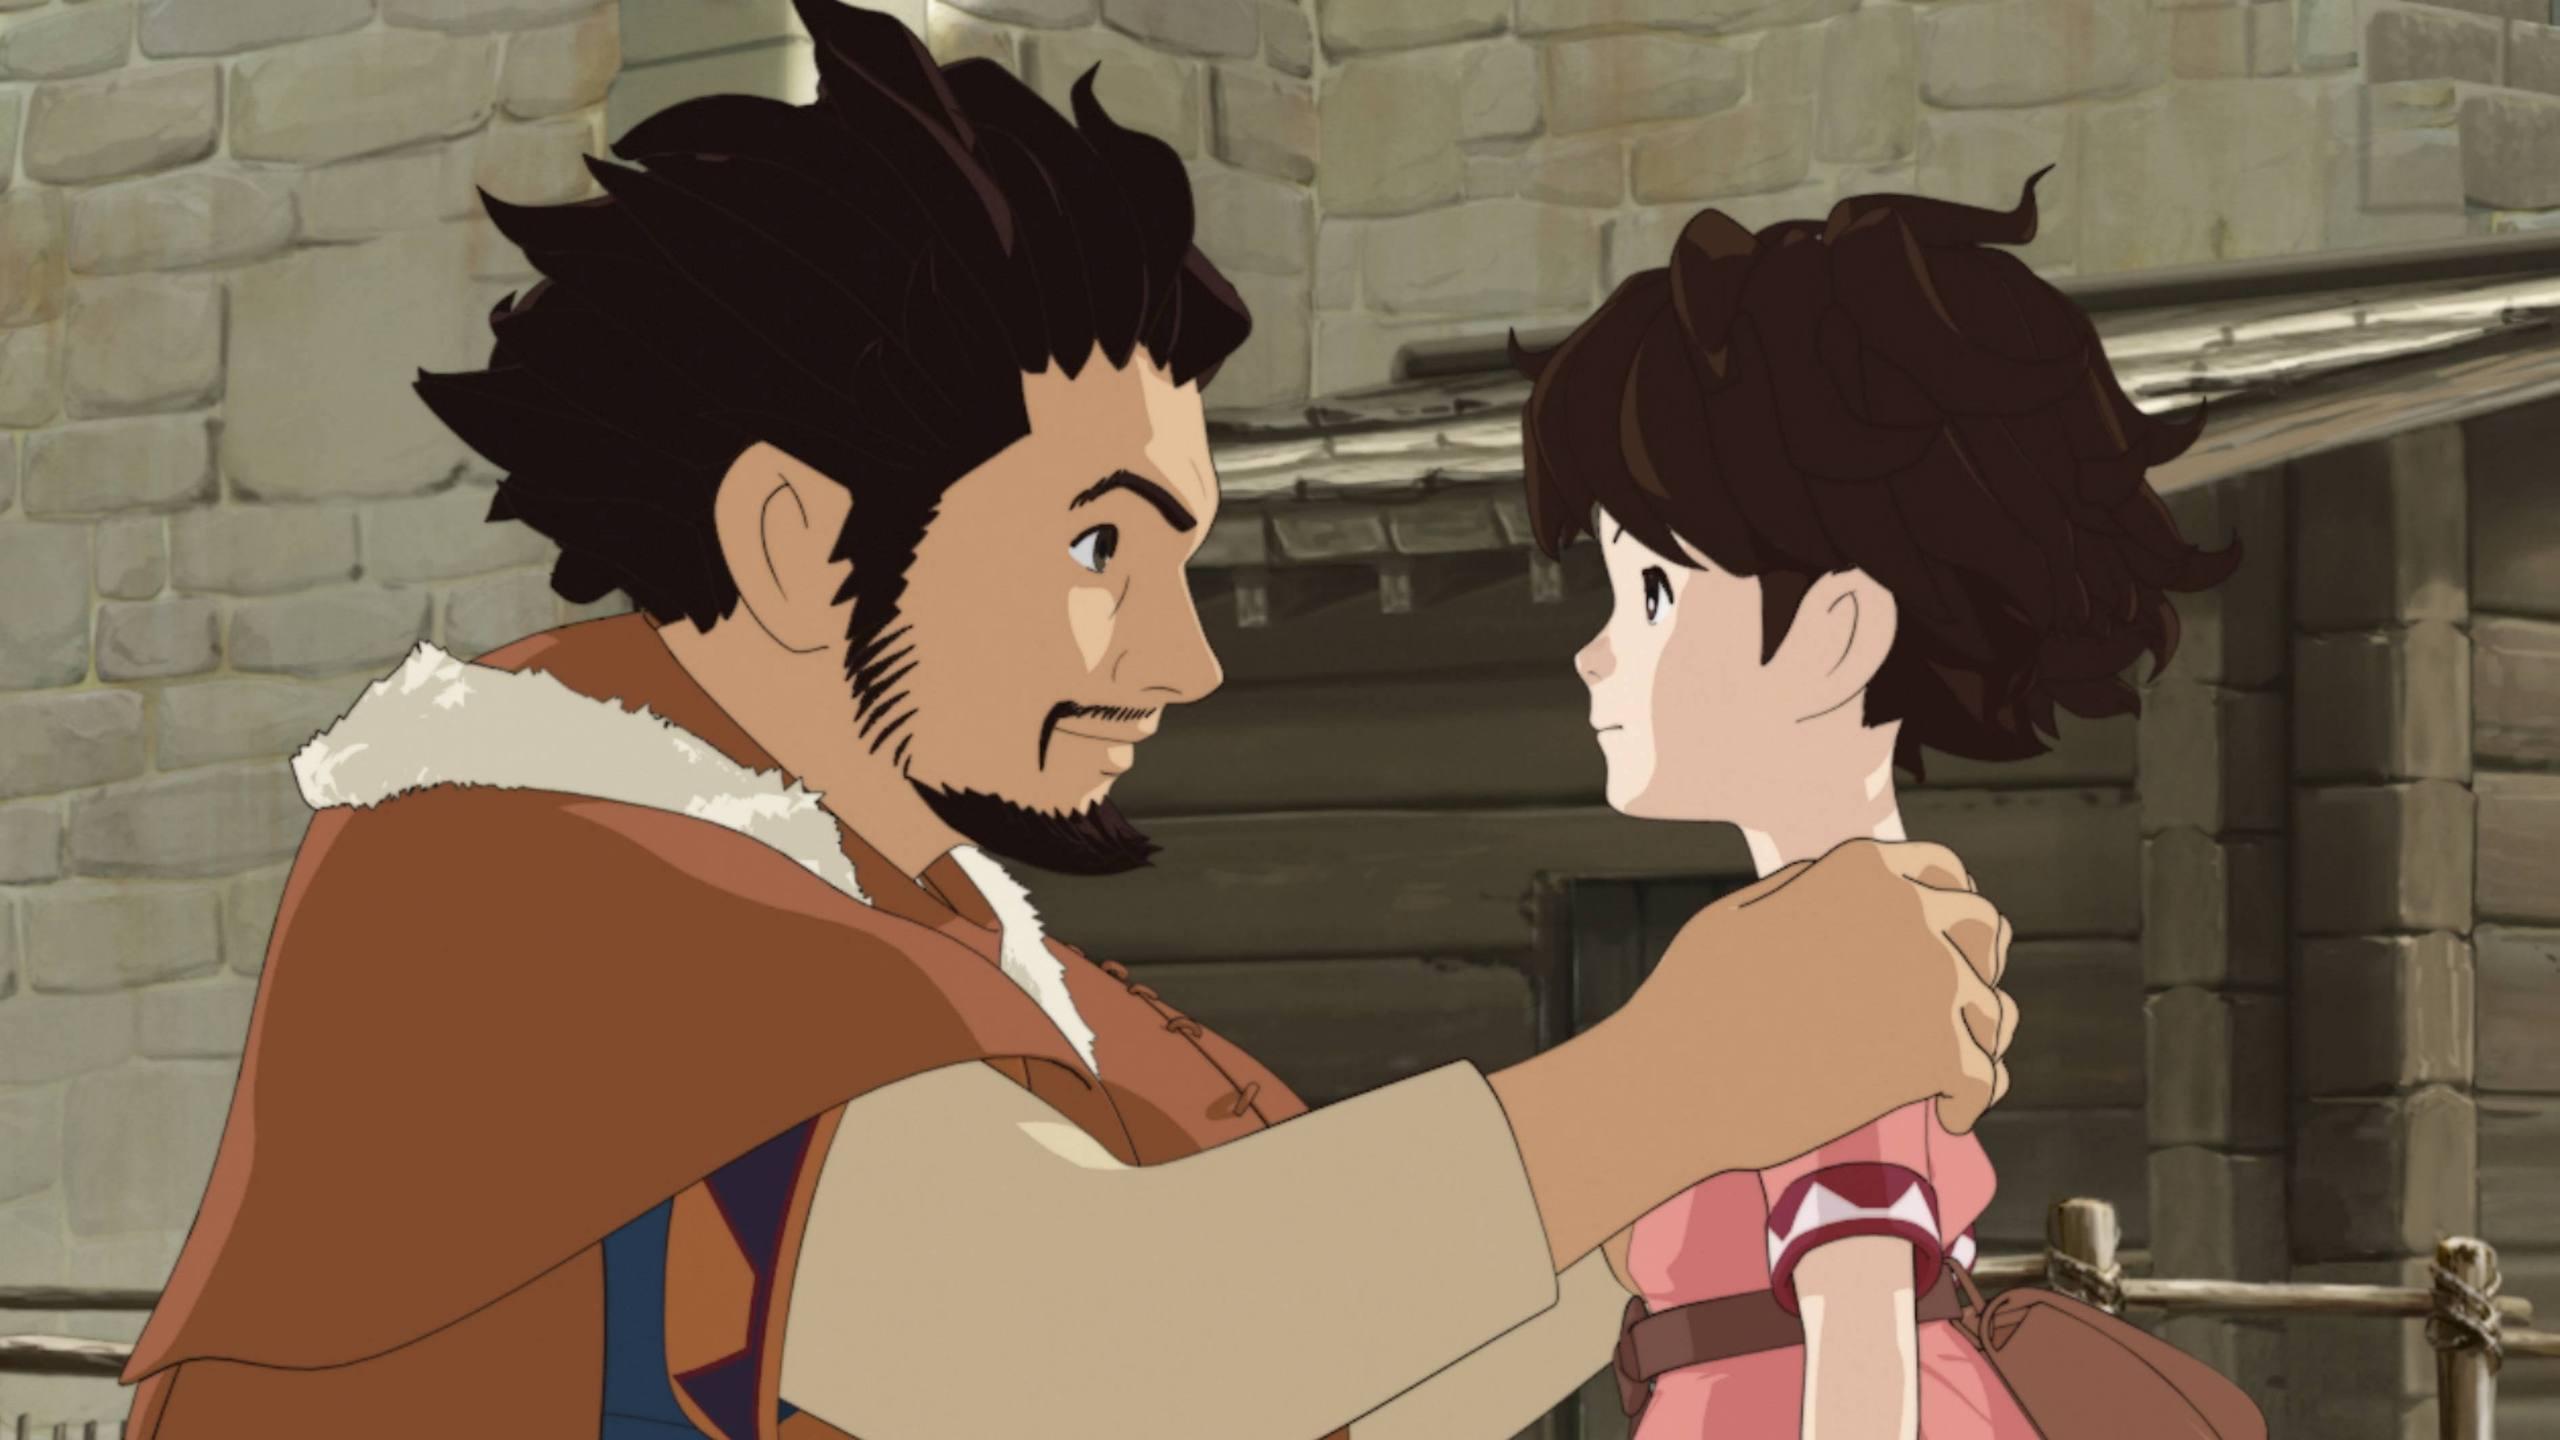 japanska animerade sex filmer stor svart kuk avsugning